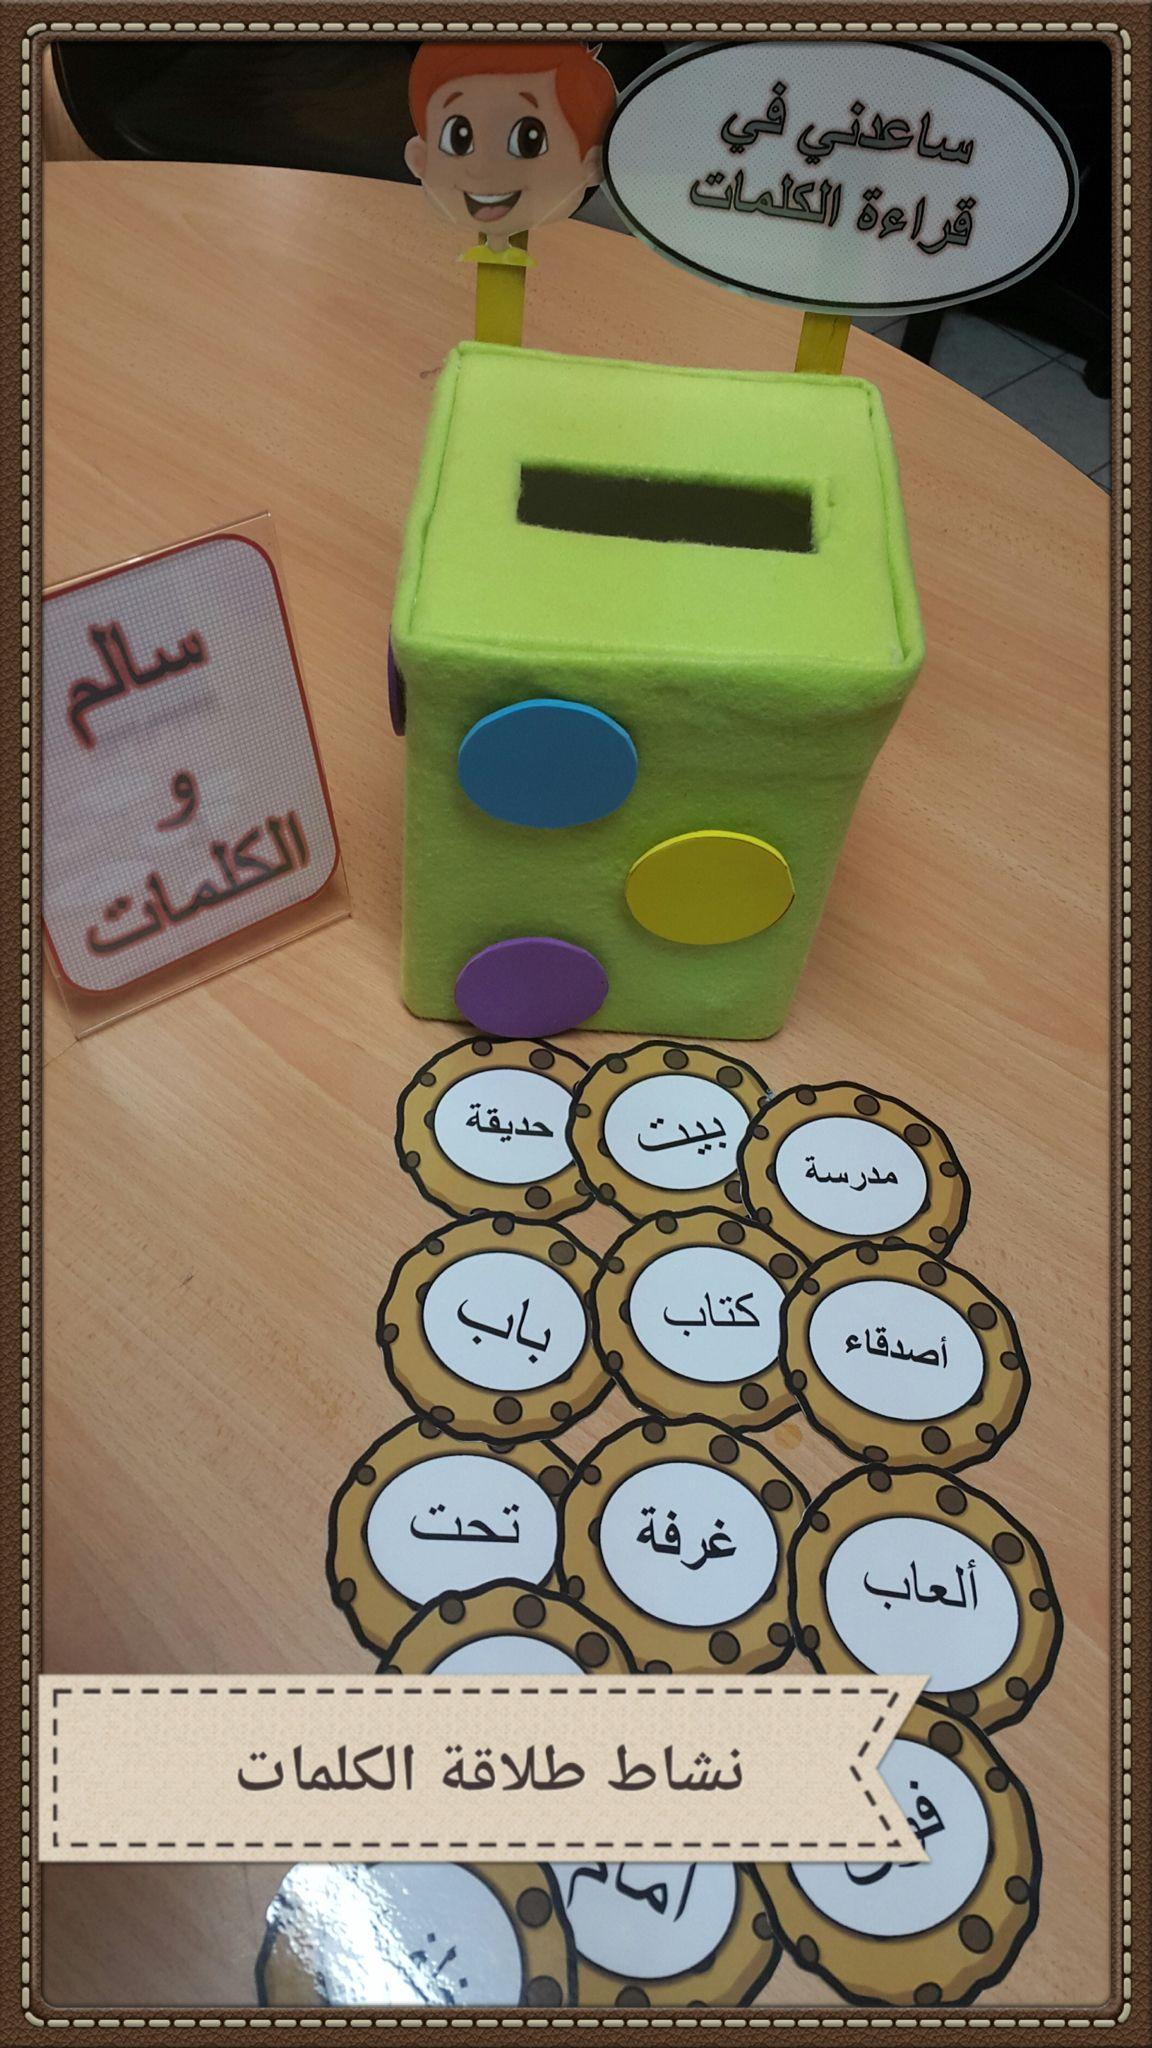 مهارة الطلاقة أن يكون الطفل قادرا على القراءة بالاسترسال و سرعة من غير اخطاء الهدف أن يكون الطفل قادر Arabic Alphabet For Kids Arabic Kids Alphabet For Kids